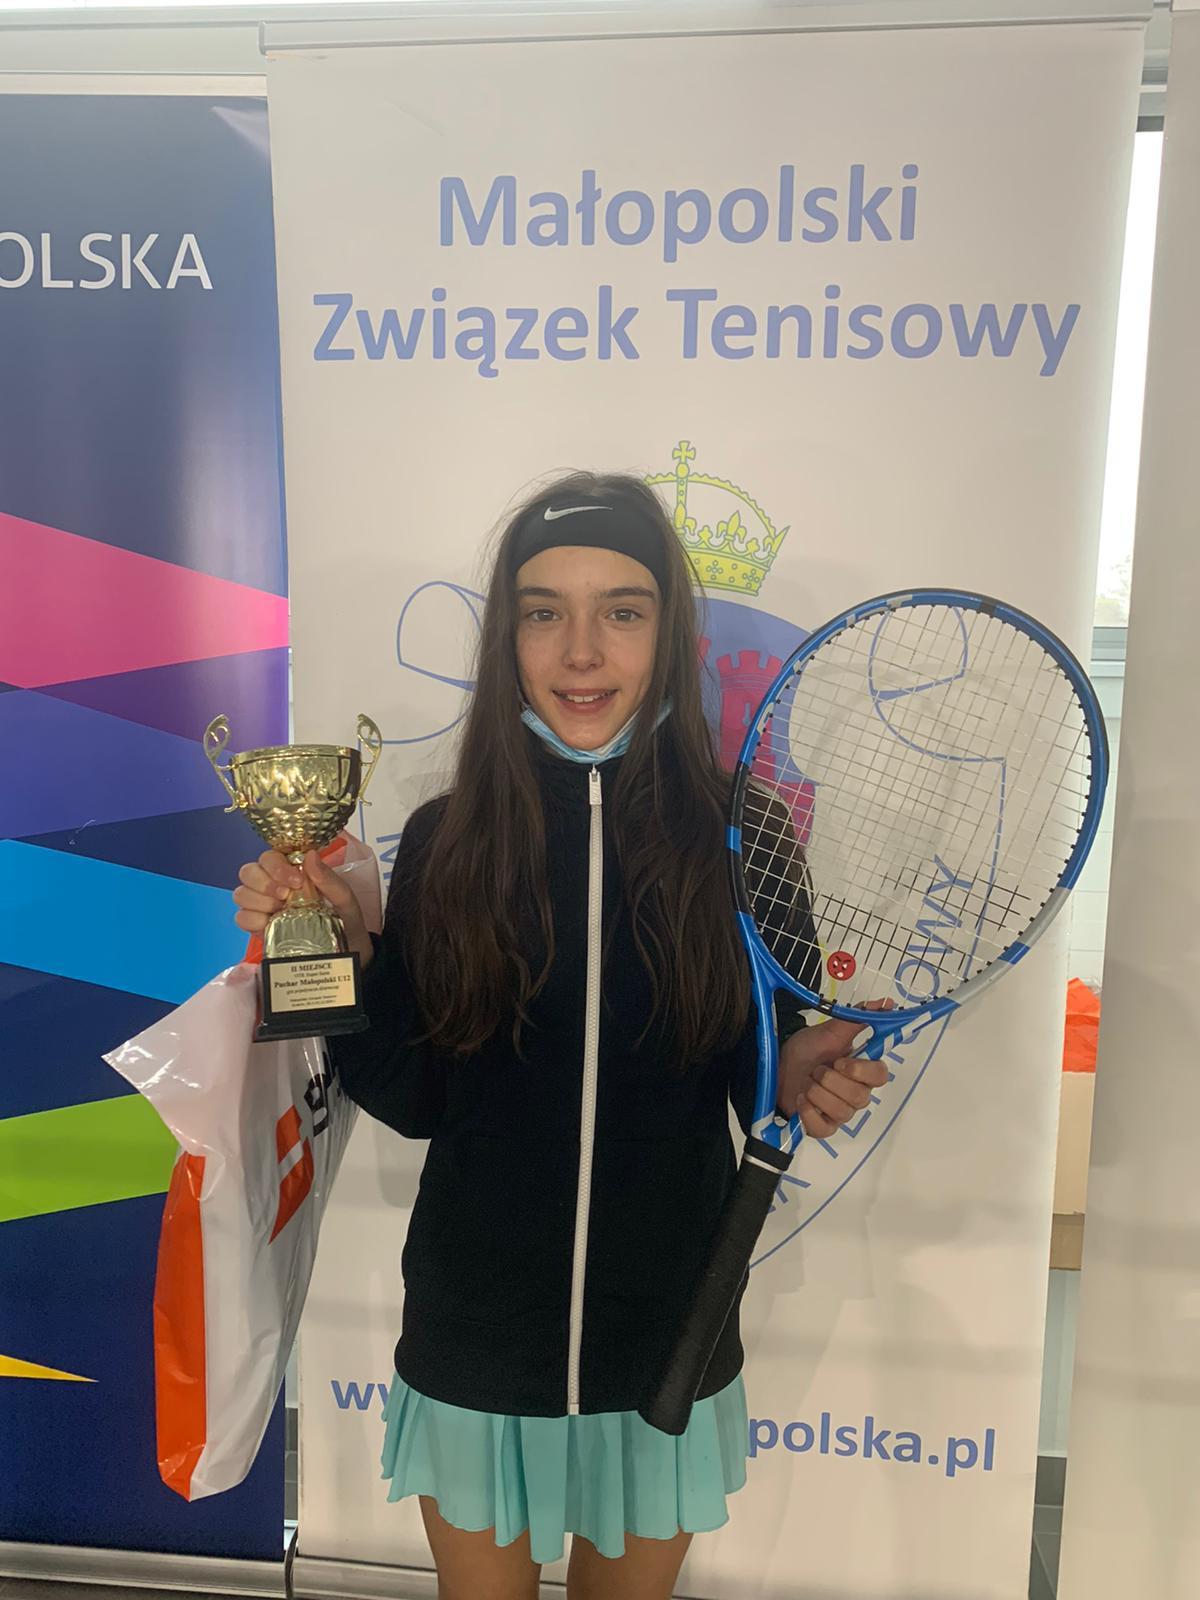 Oliwia spełnia marzenia w tenisie - Zdjęcie główne